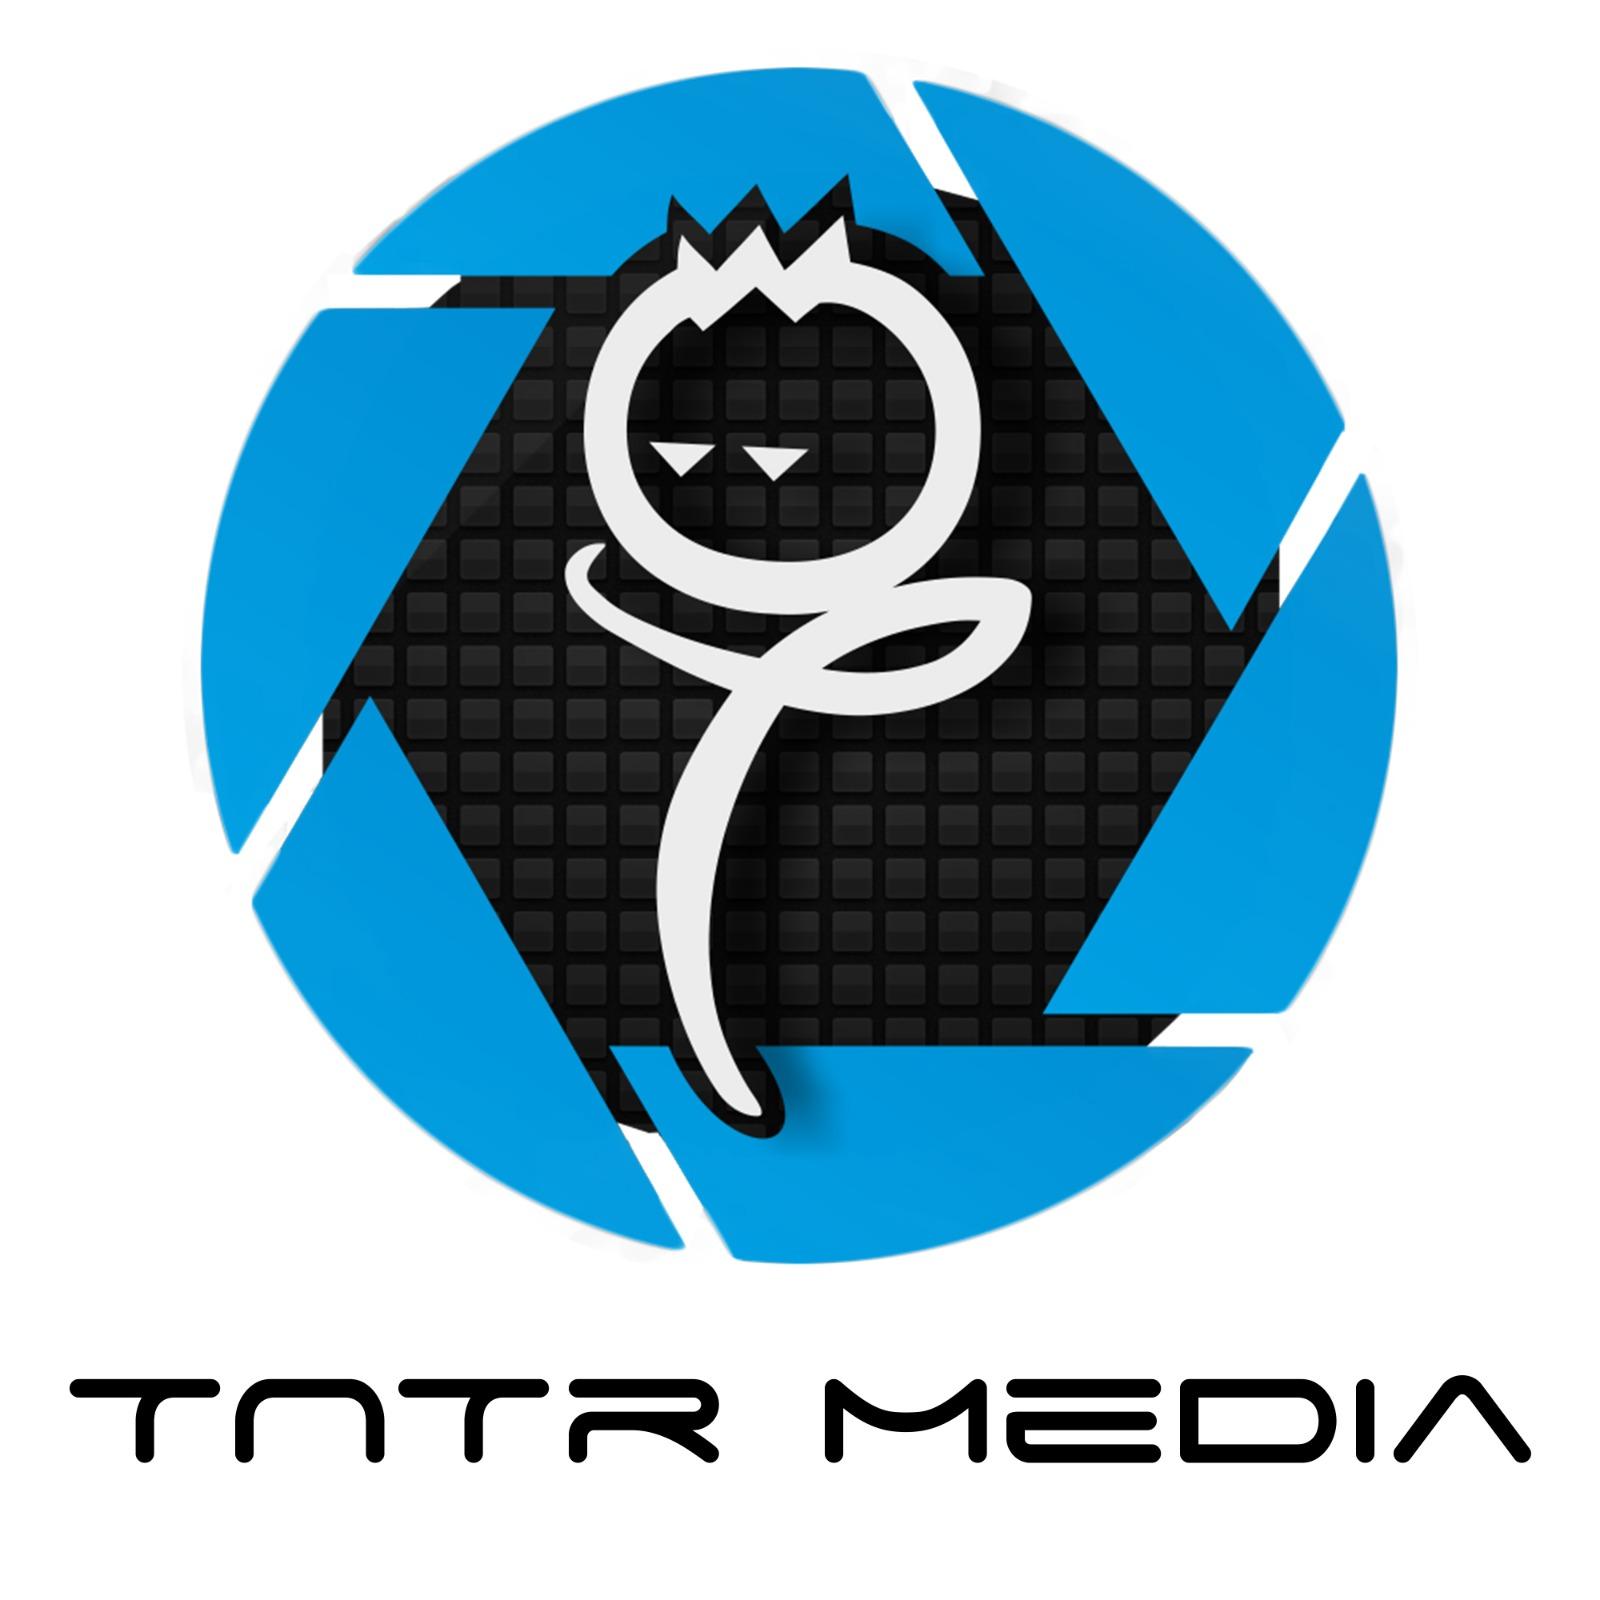 TNTR MEDIA